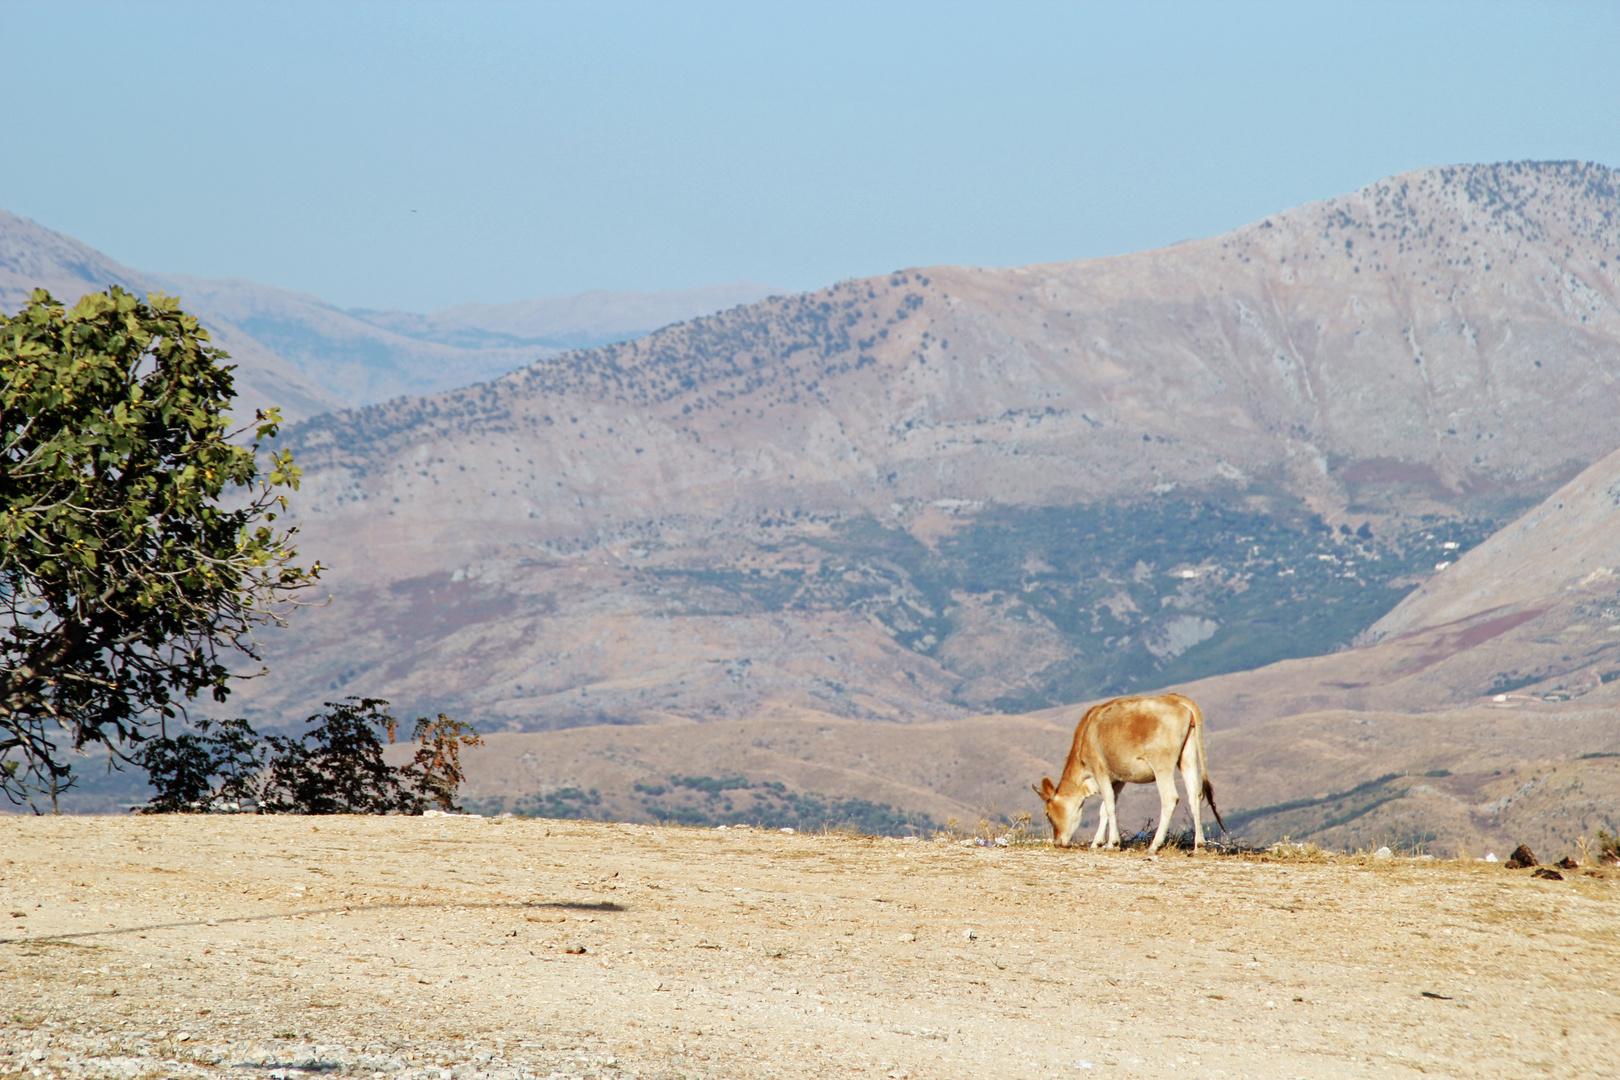 Albanien: Einsame Kuh auf dem Gelände der Festung Lekuresi